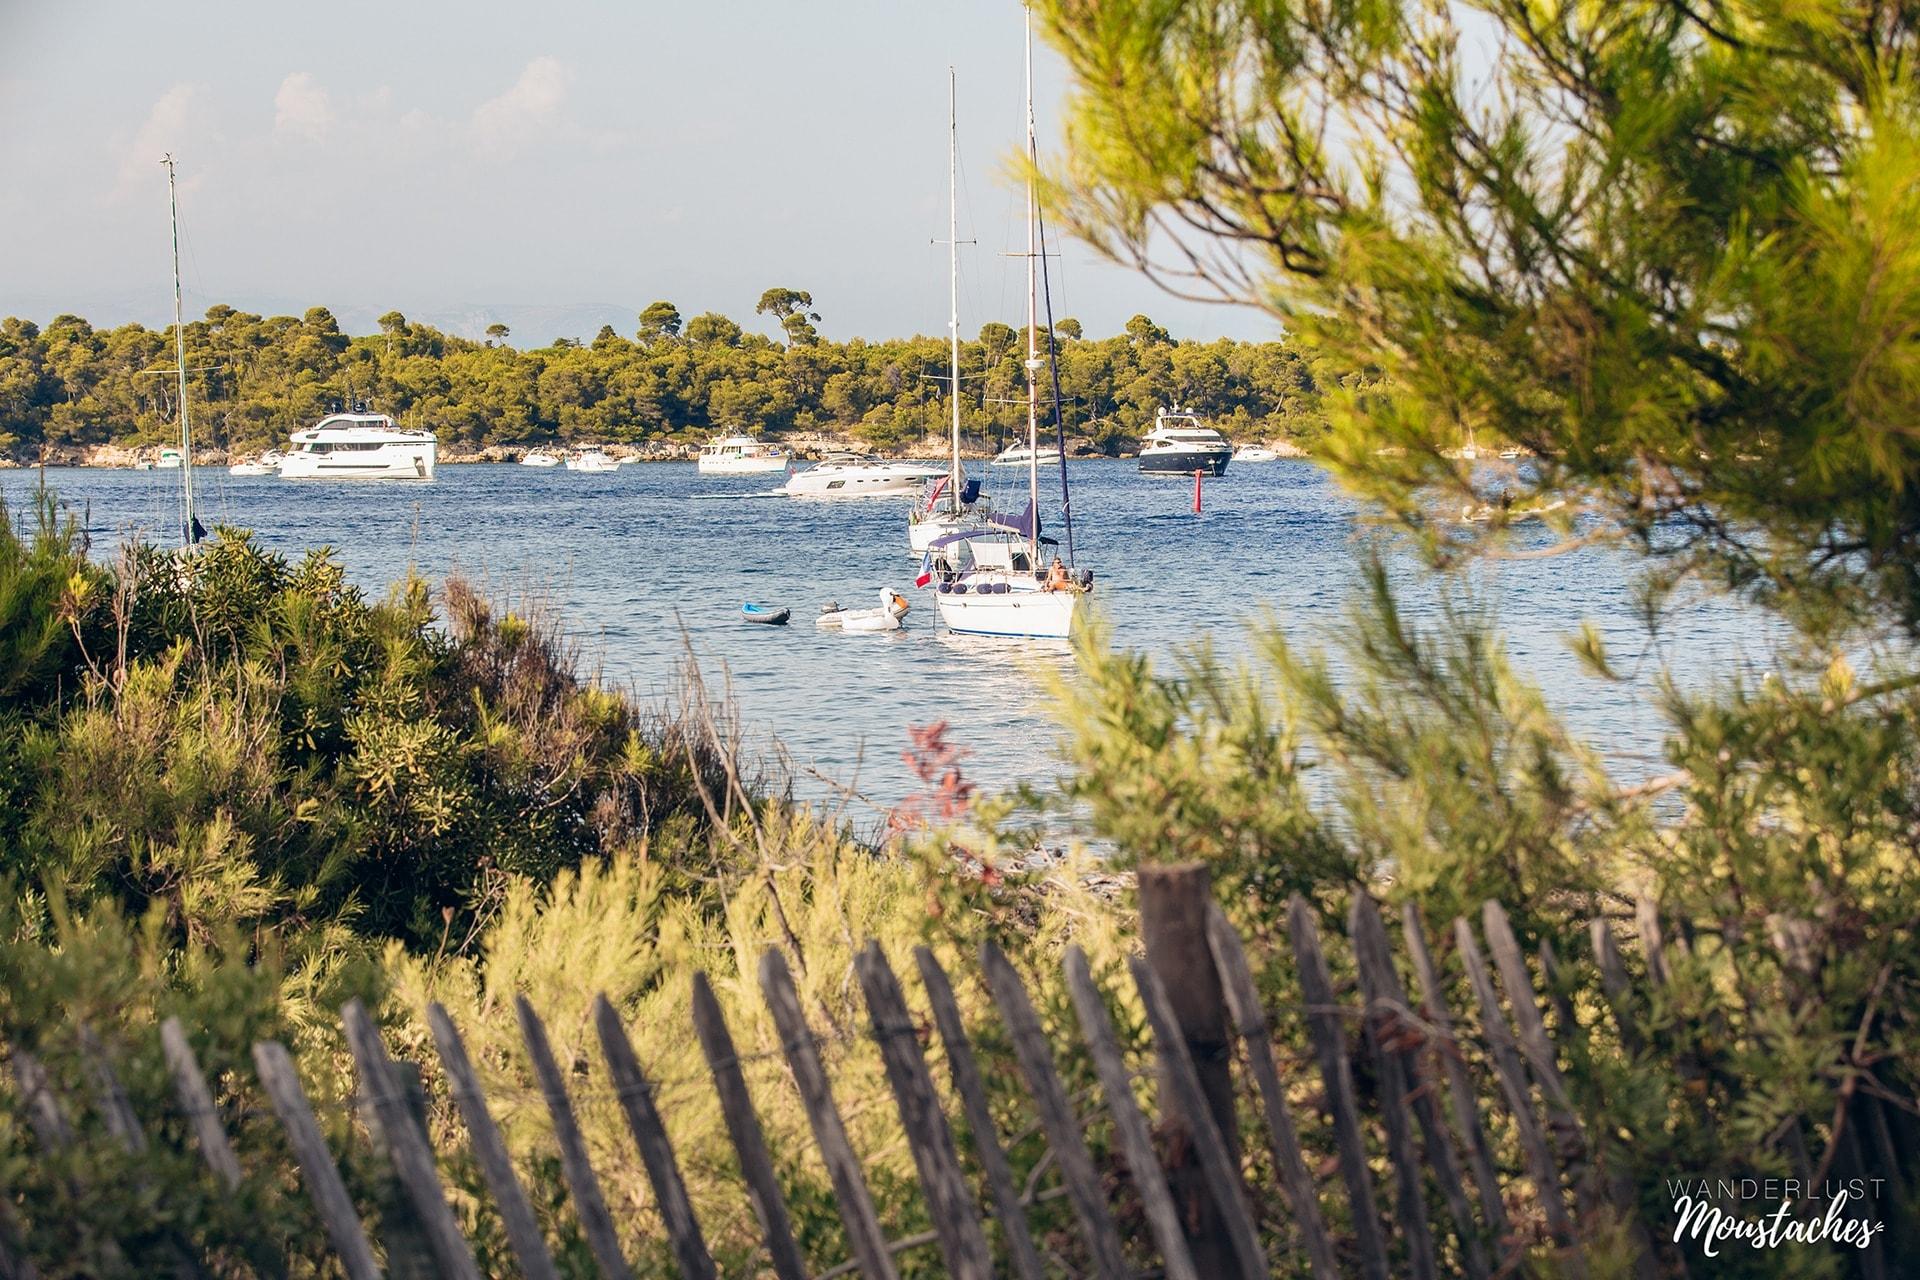 Entre les l'île Sainte-Marguerite et l'île Saint-Honorat à Cannes